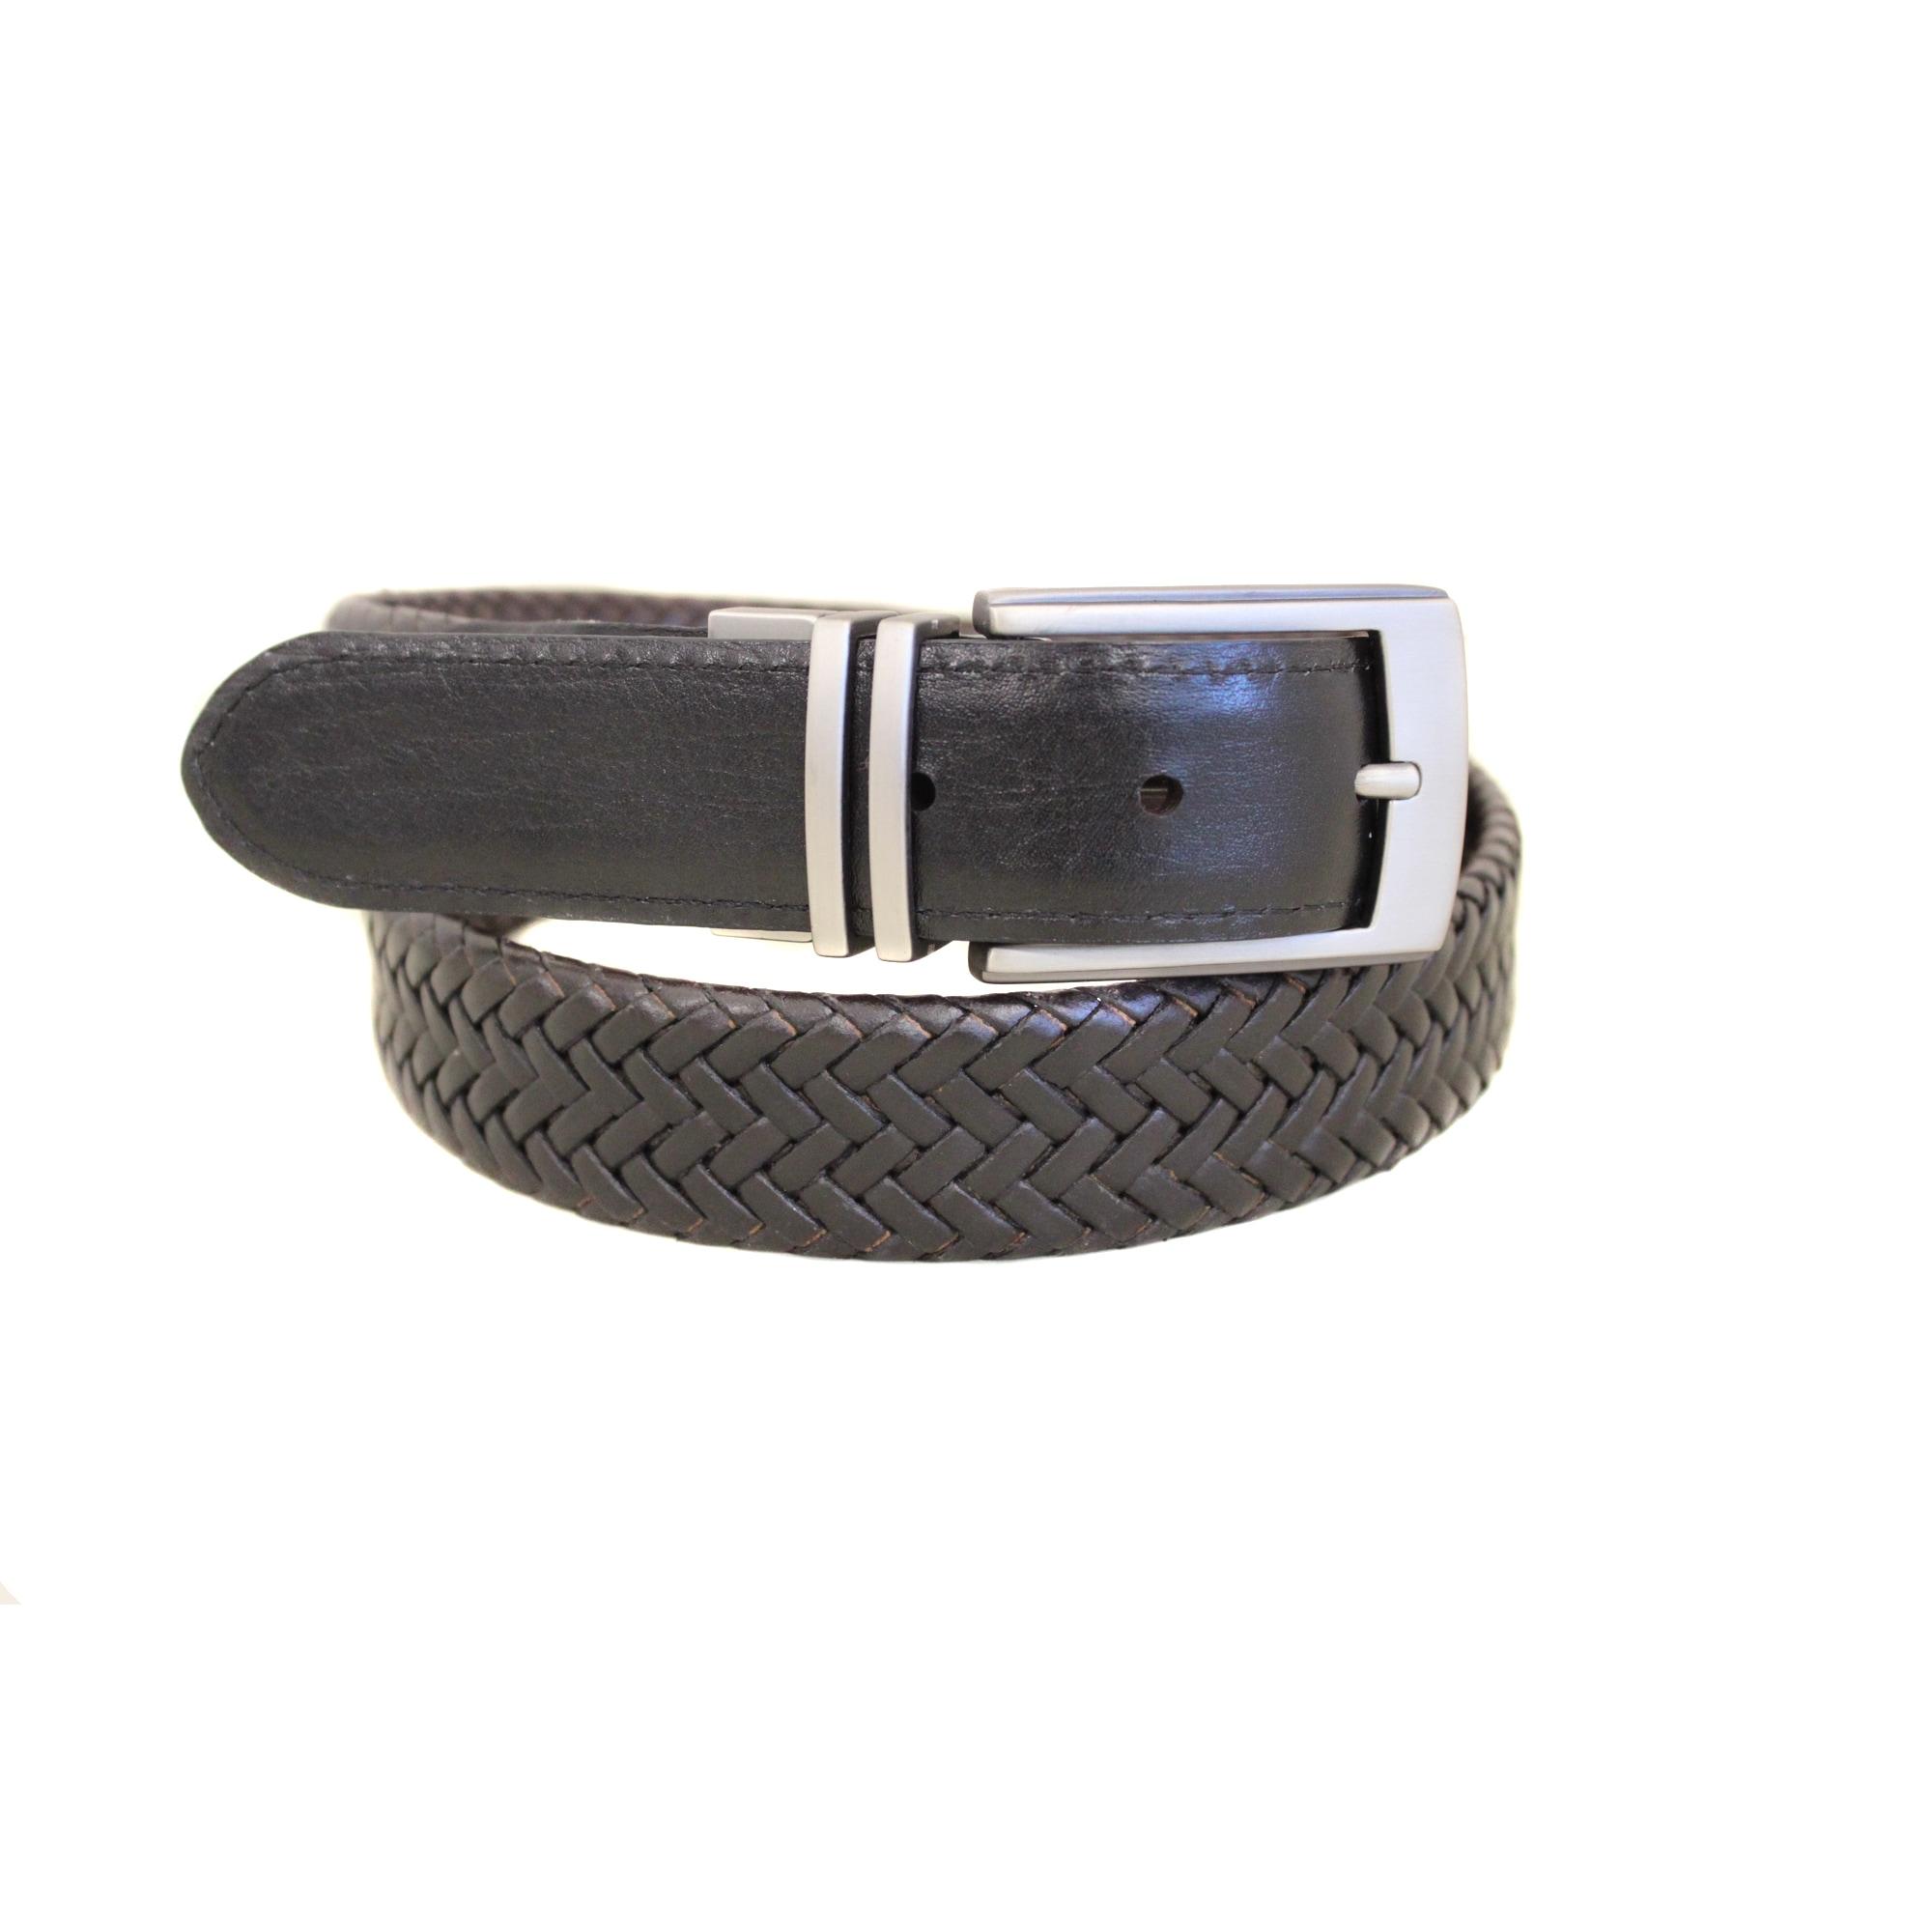 Entourage 'Good Vibe' Reversible Braided Leather Belt